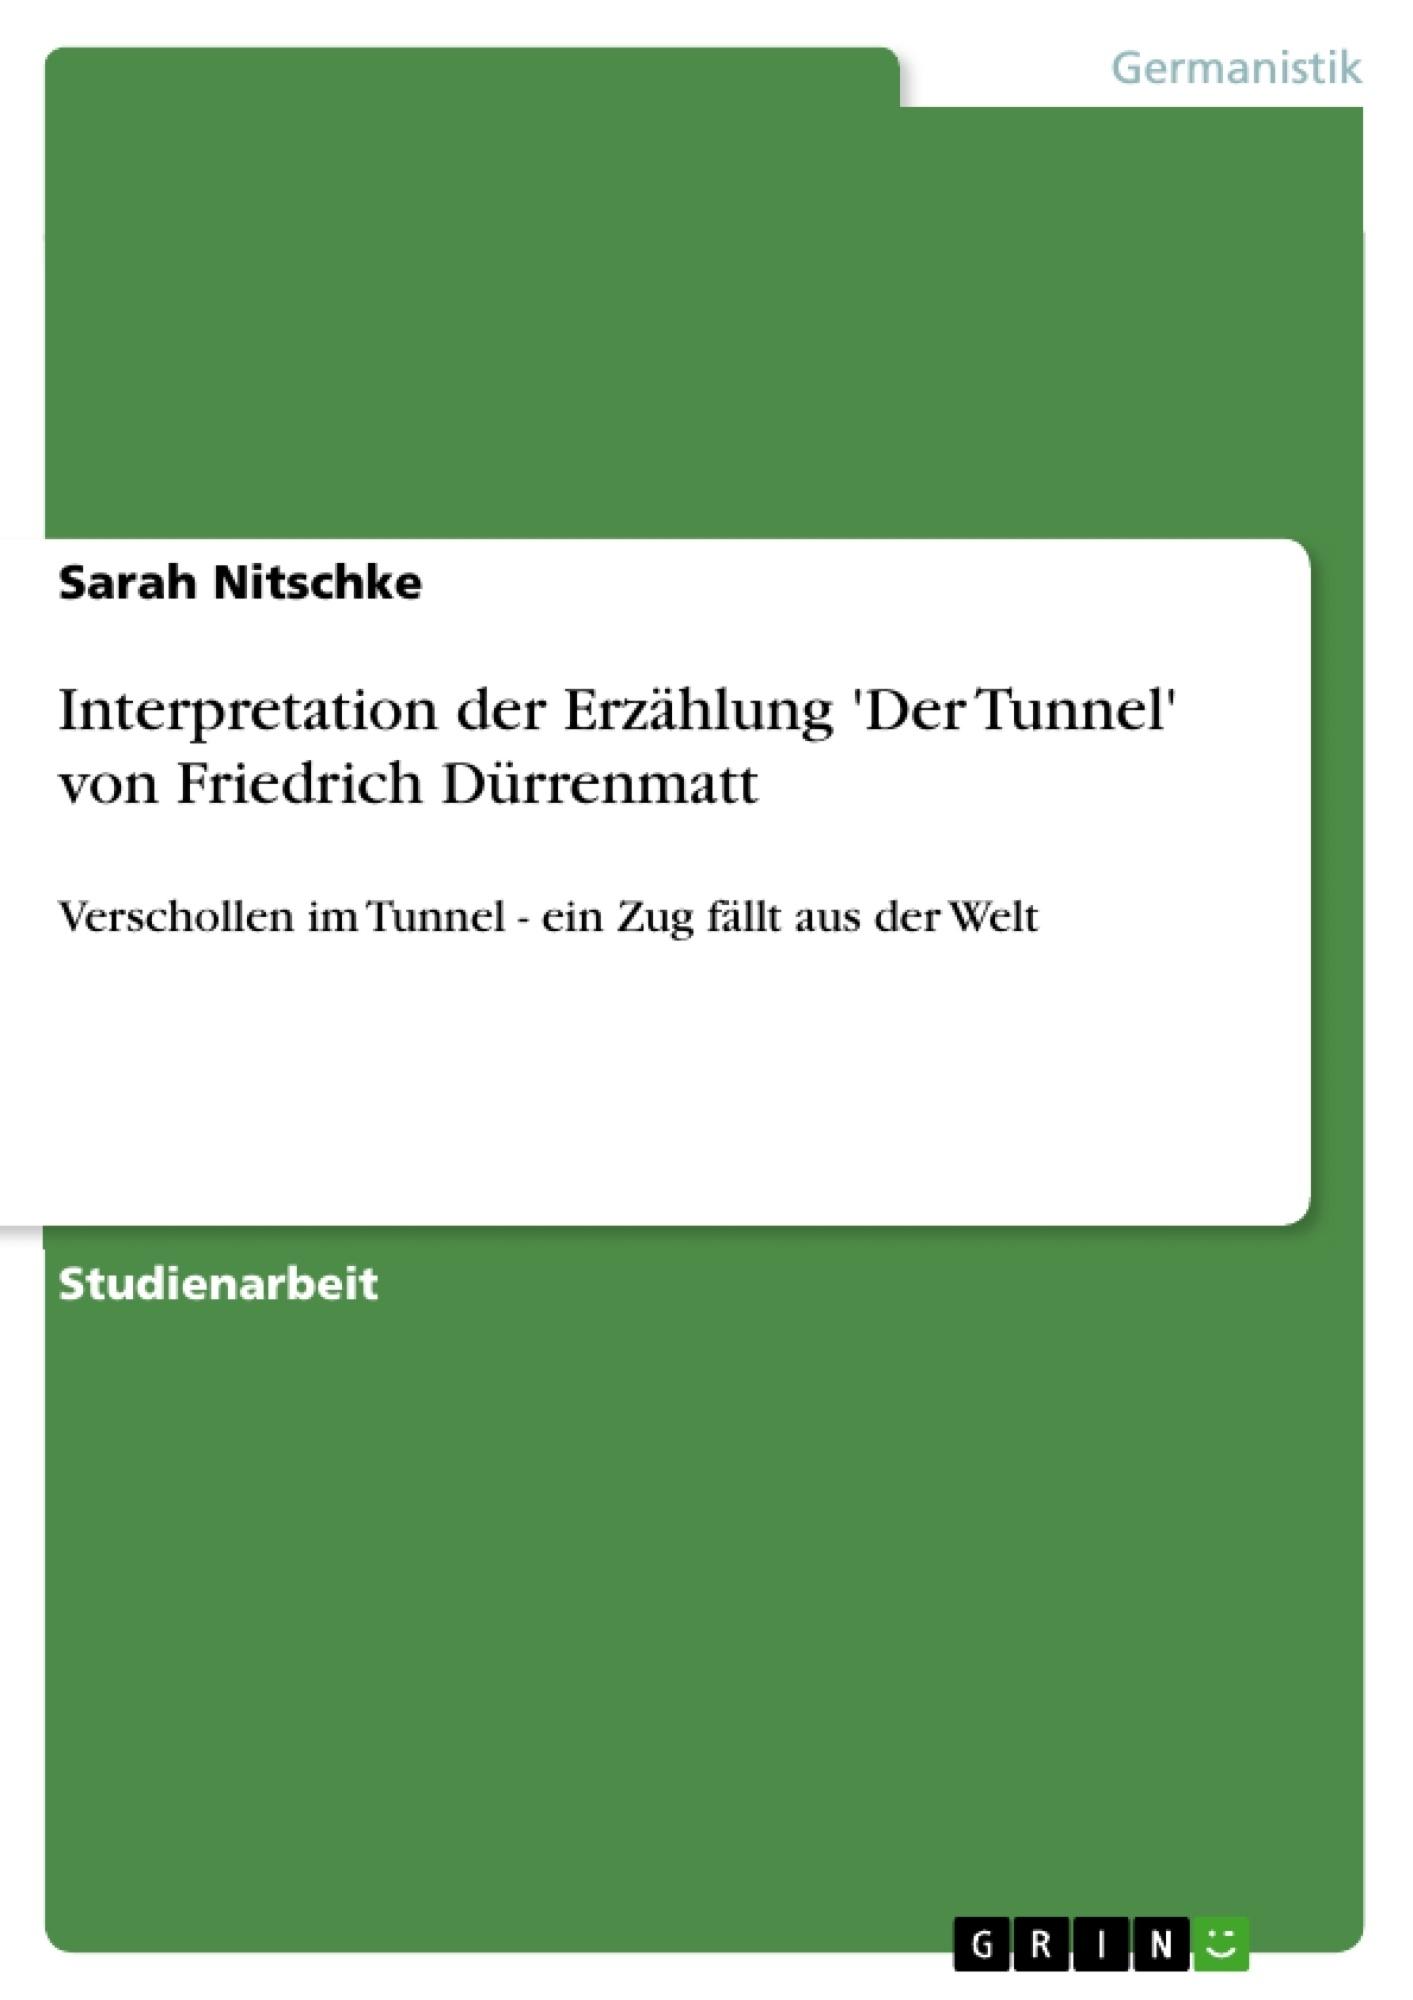 Titel: Interpretation der Erzählung 'Der Tunnel' von Friedrich Dürrenmatt